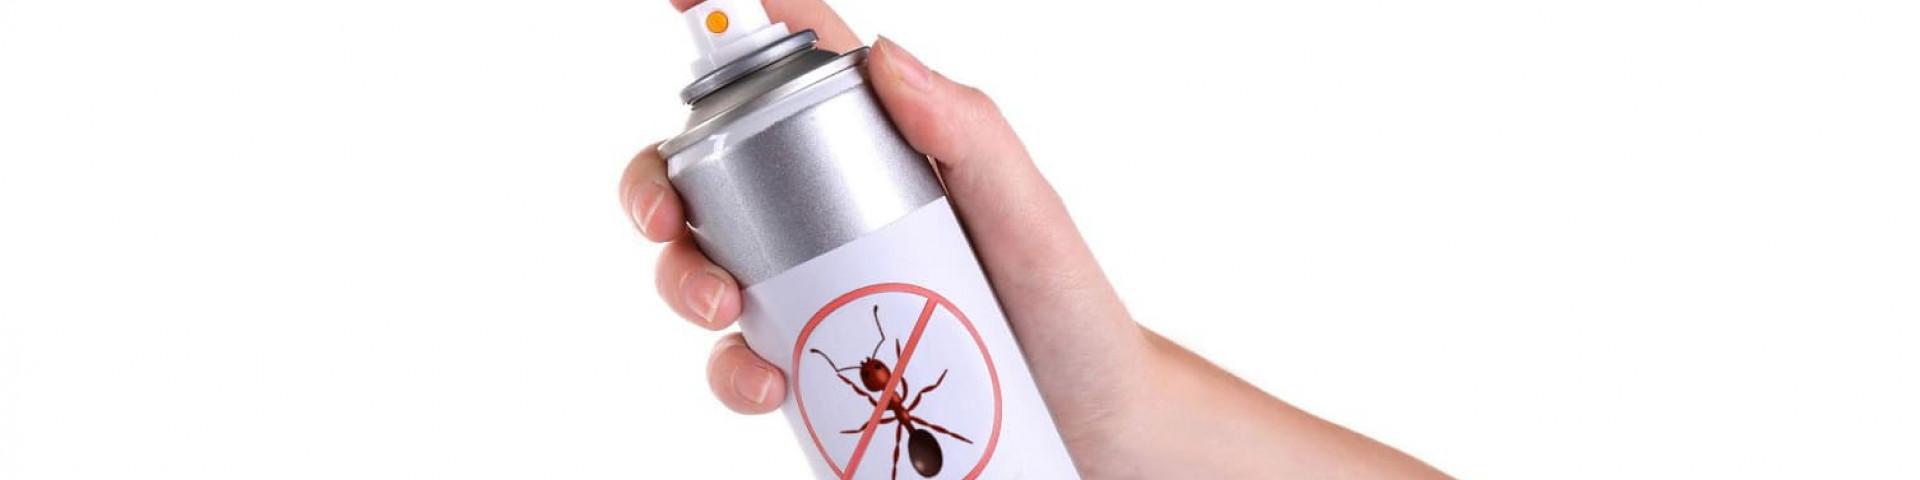 Выпроваживаем незваных гостей: рейтинг лучших средств от муравьёв 2021 года